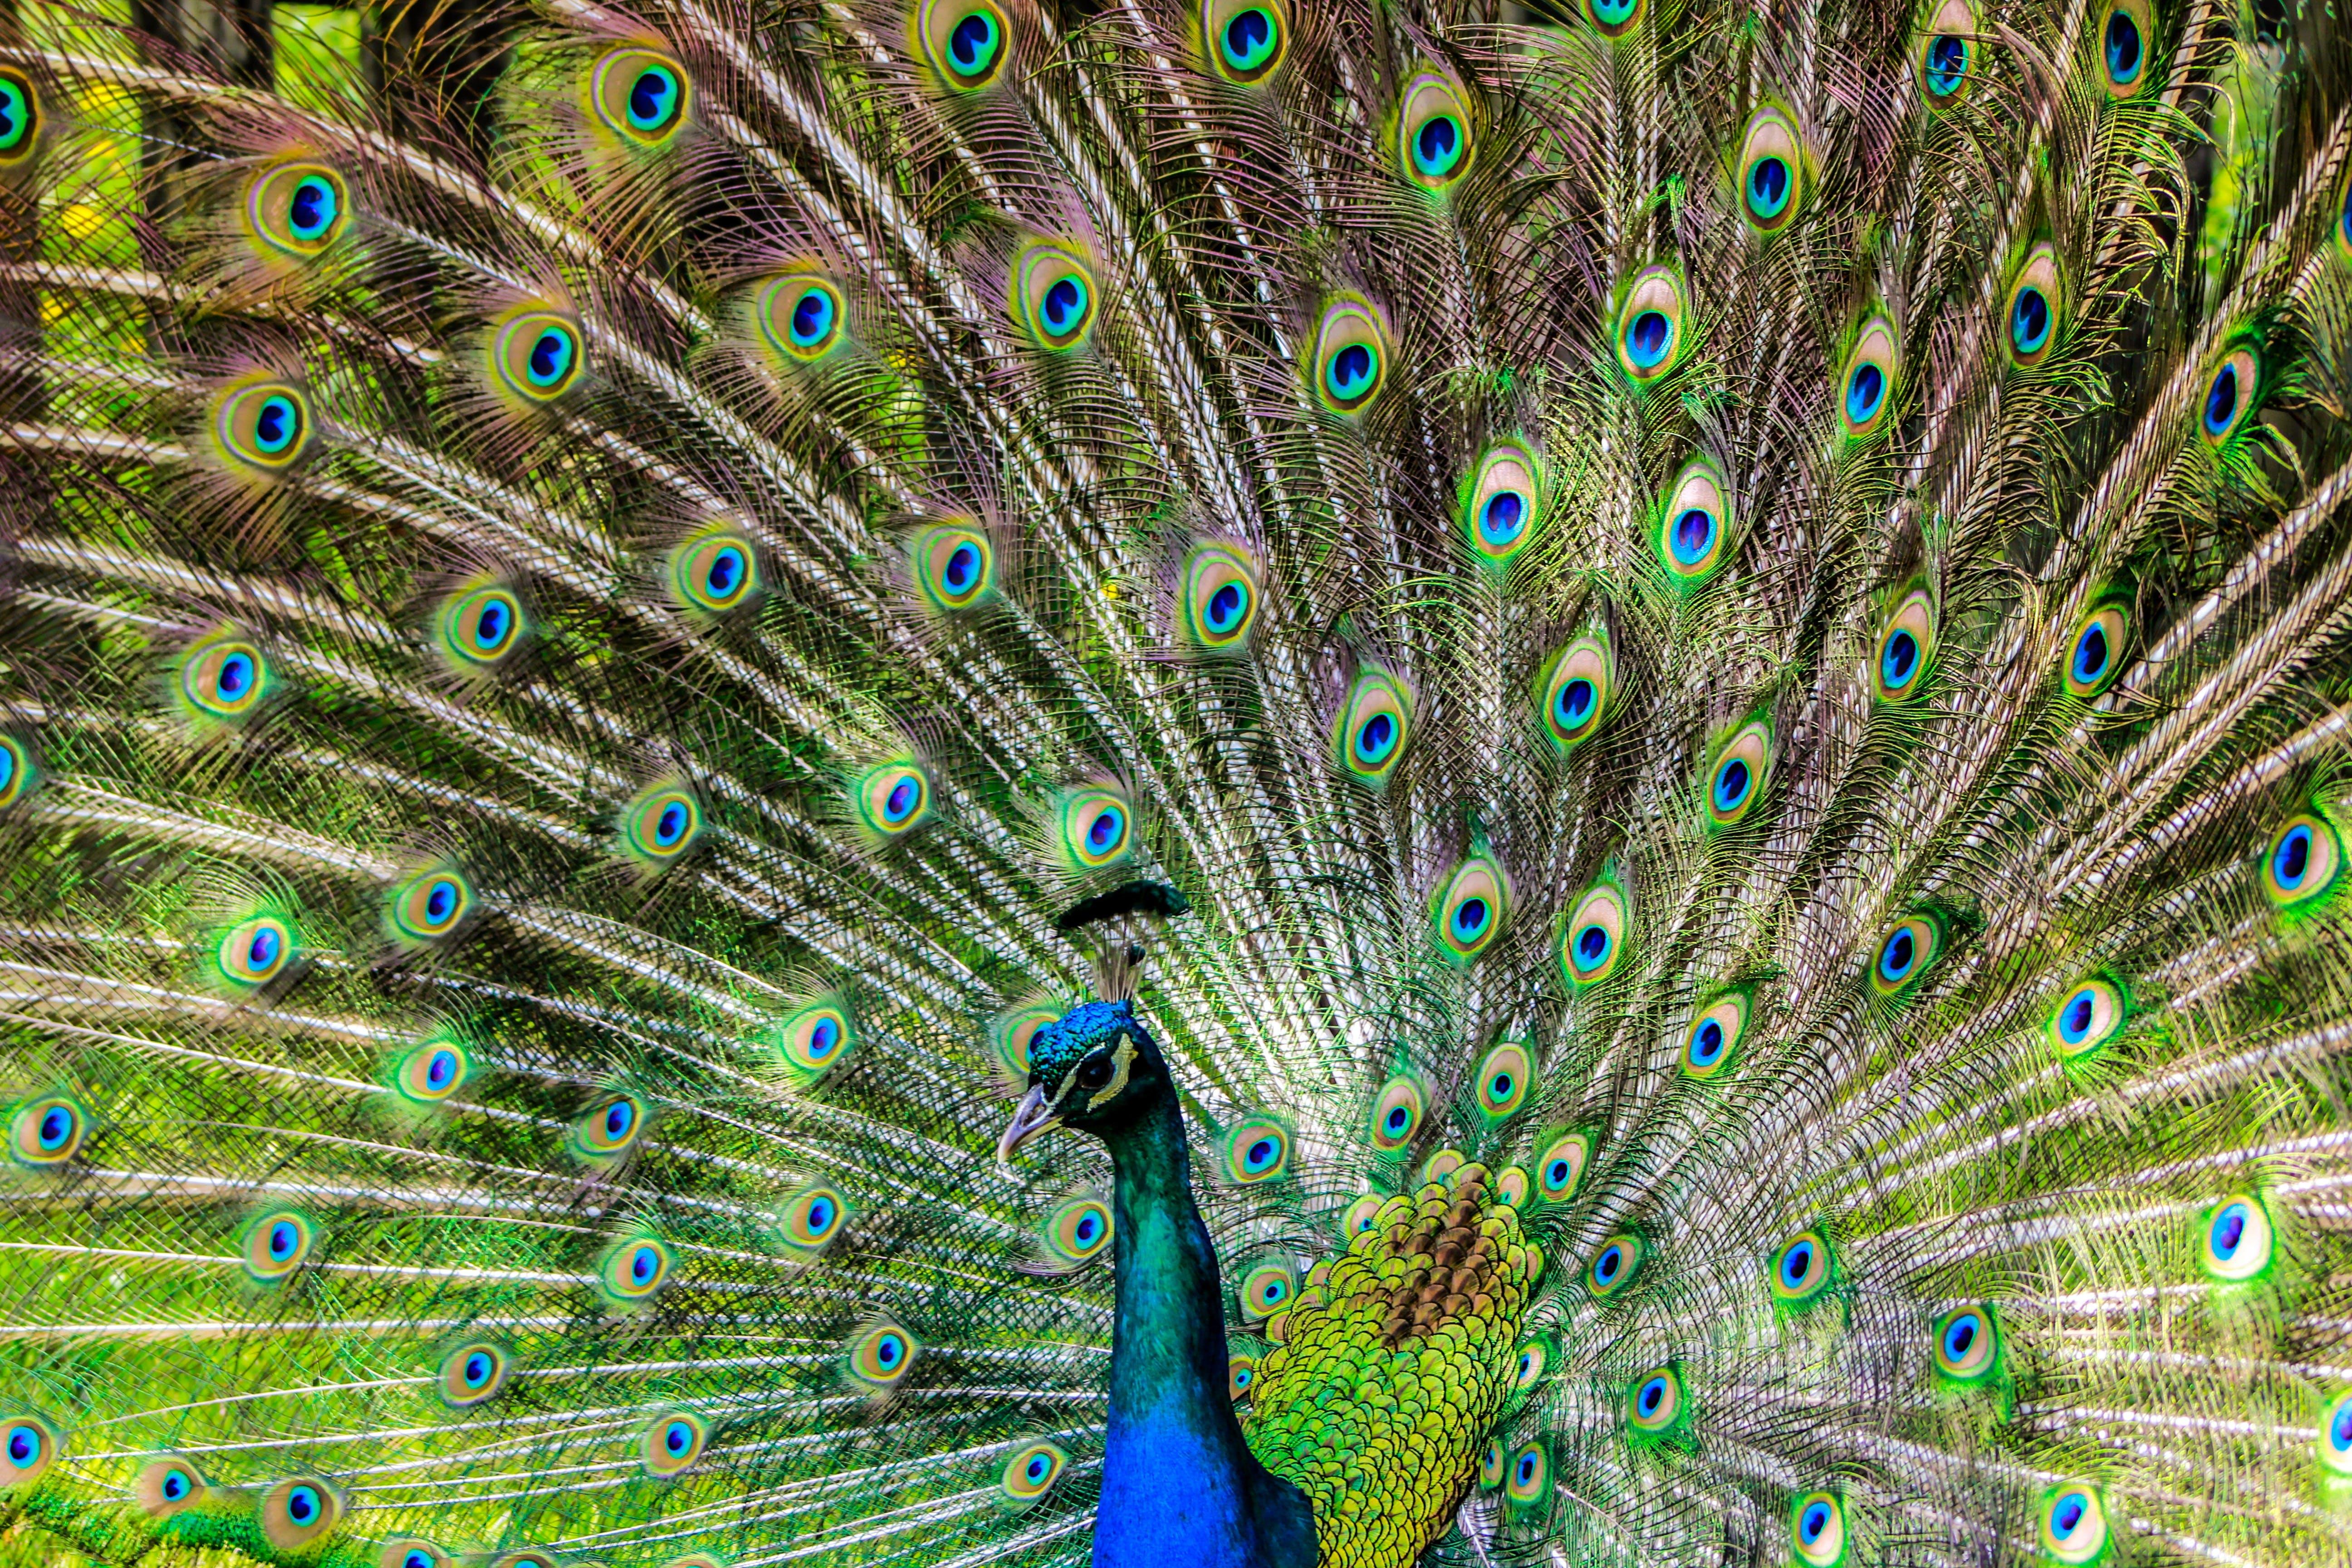 Photos gratuites de animal, animal sauvage, faune, fond d'écran gratuit